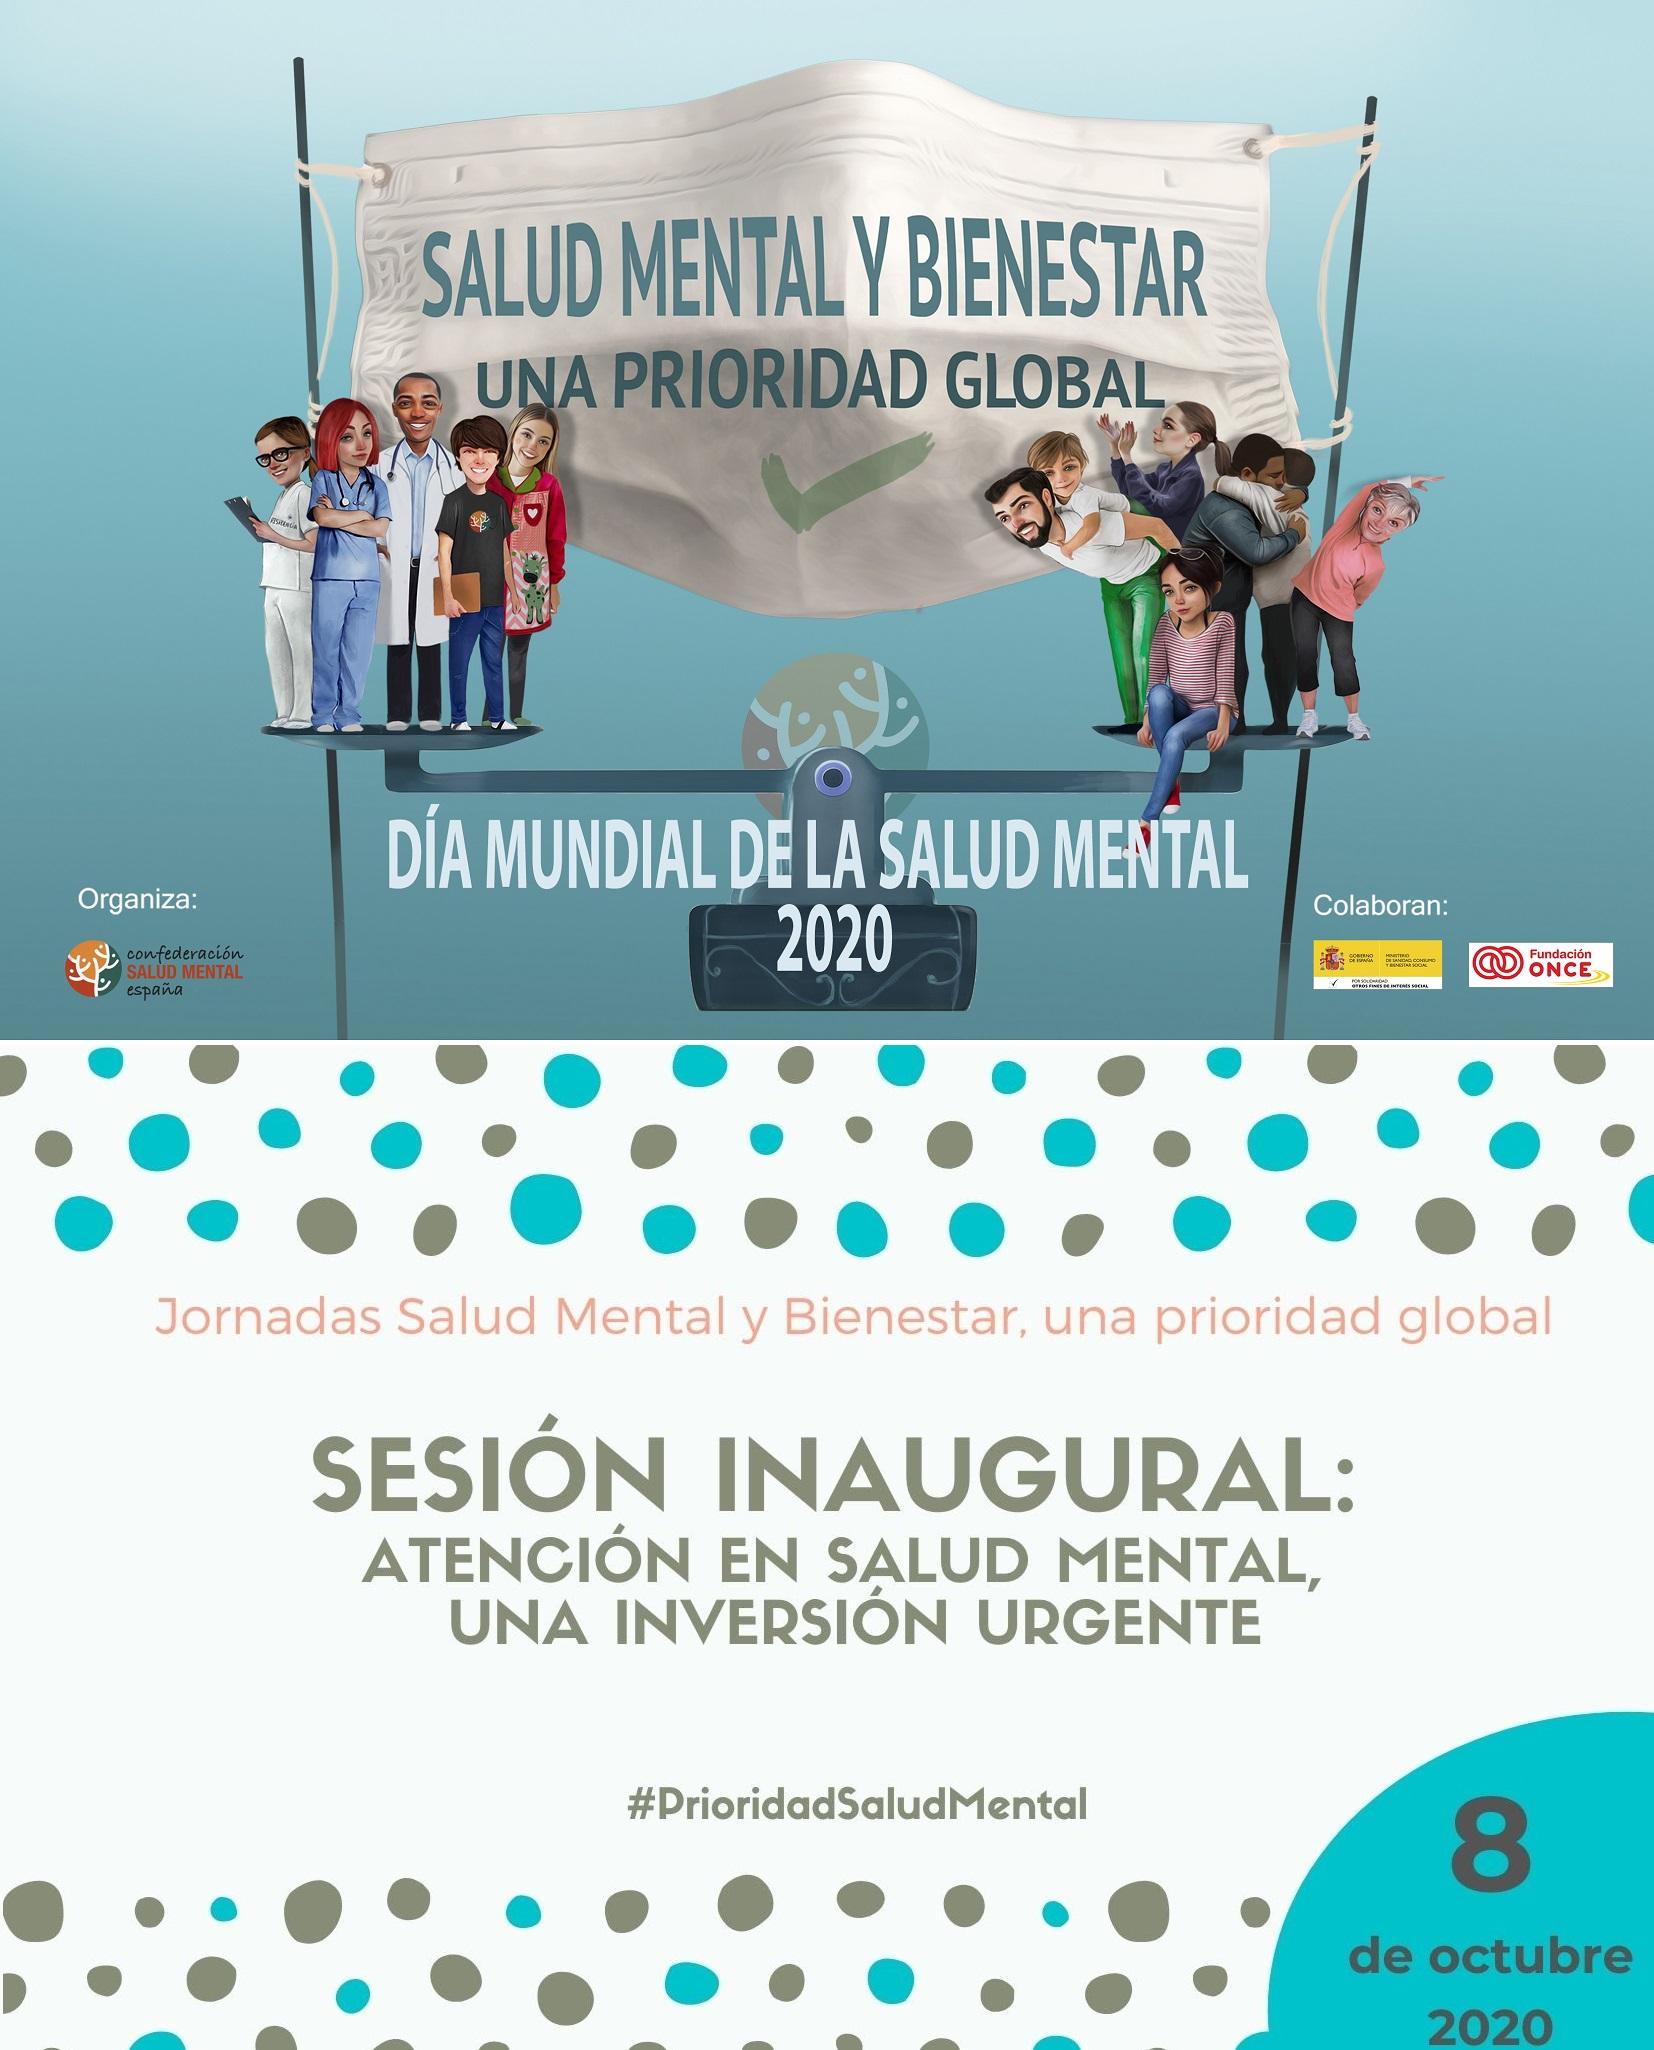 Jornada Prioridad Salud Mental 8 octubre